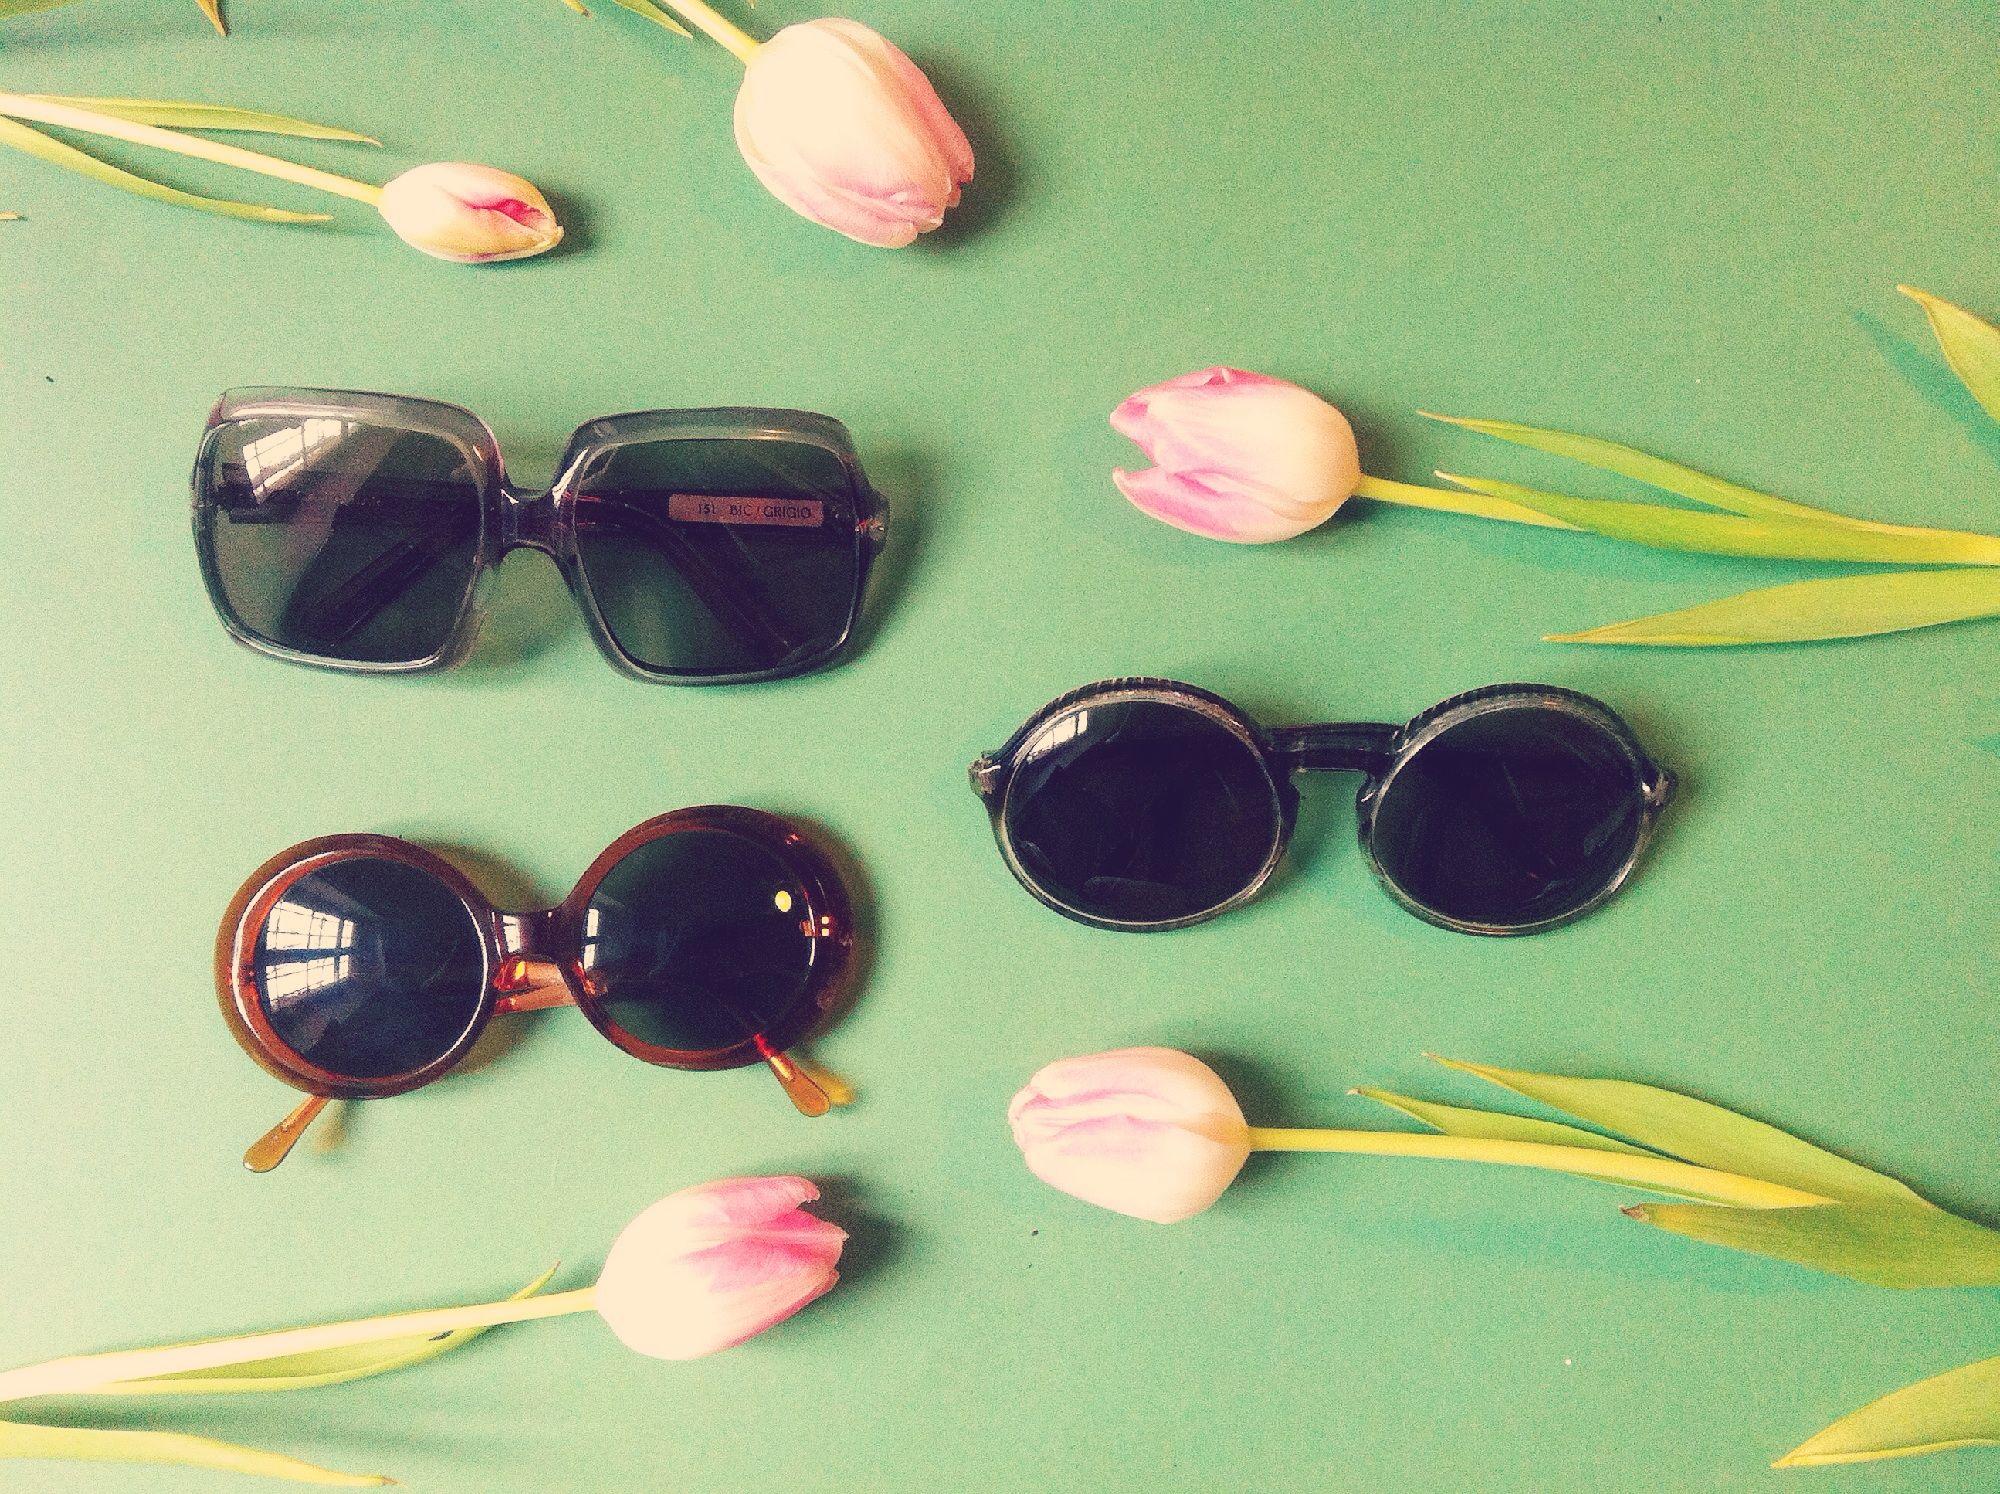 70s Sunglasses. #ragandbonemanvintage #sustainablefashion #vintage #berlin #sunglasses #70s